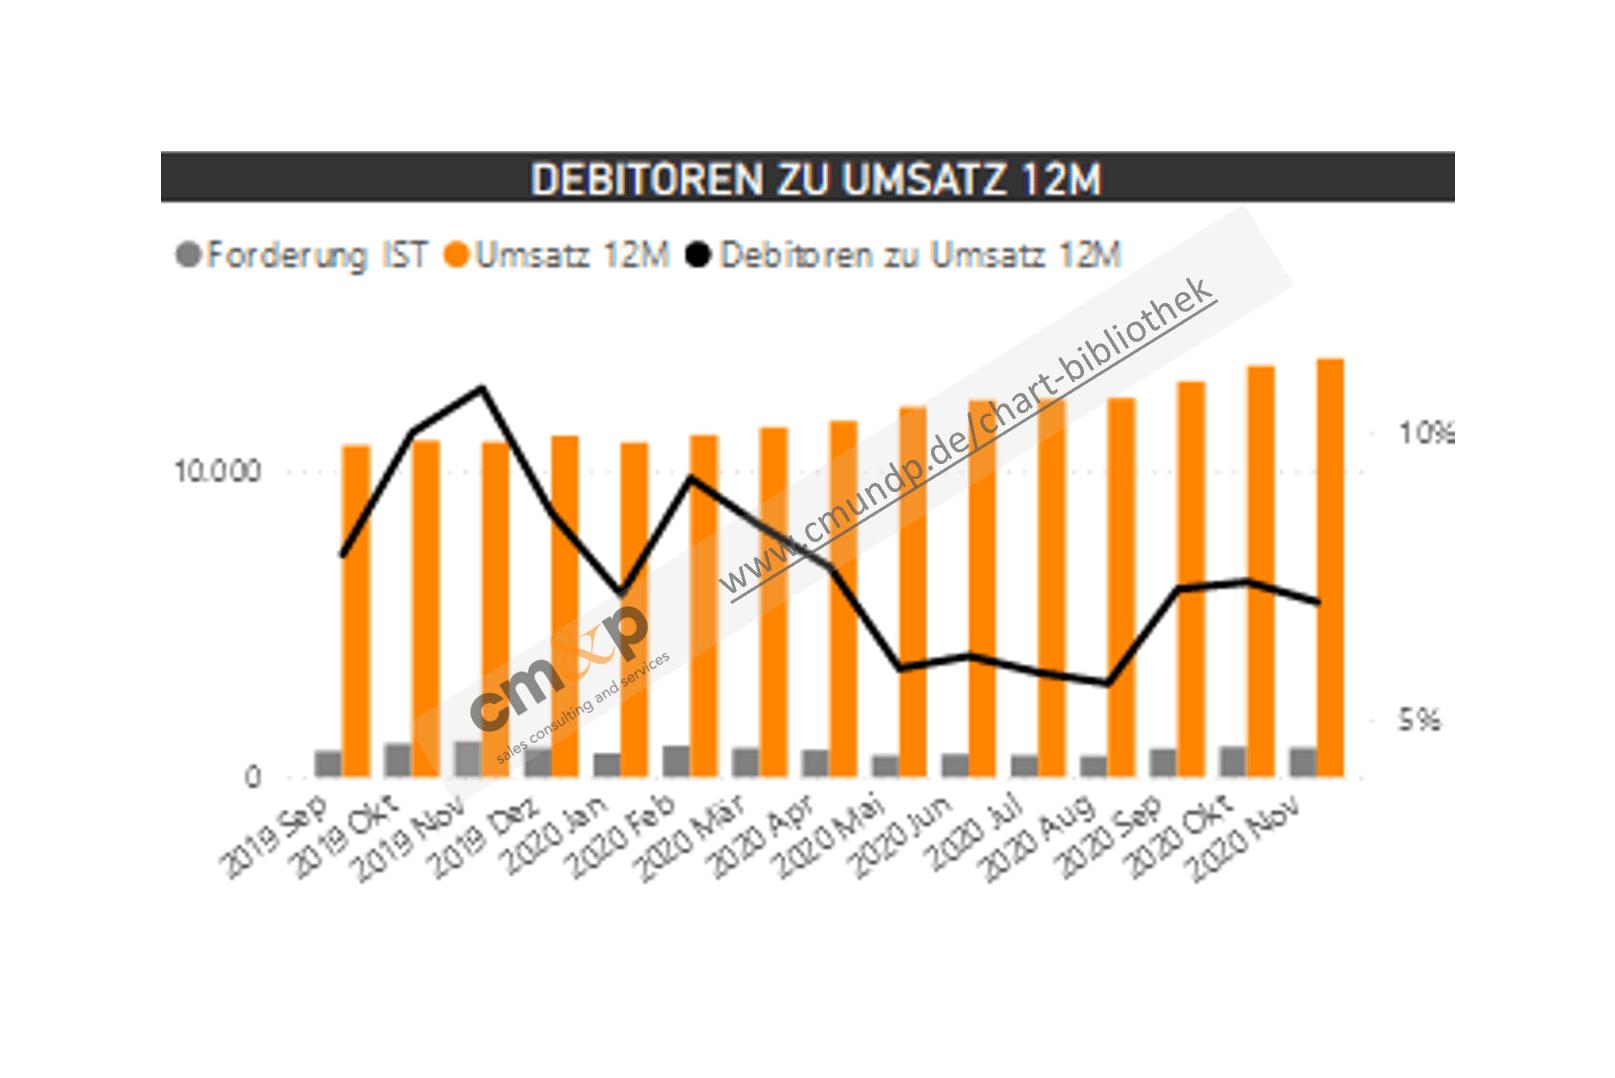 Darstellung der Forderungen und des 12-Monats-Umsatz als Säulen pro Monat in TEUR Abbildung des Verhältnisses von Forderungen und Umsatz als Linie in %